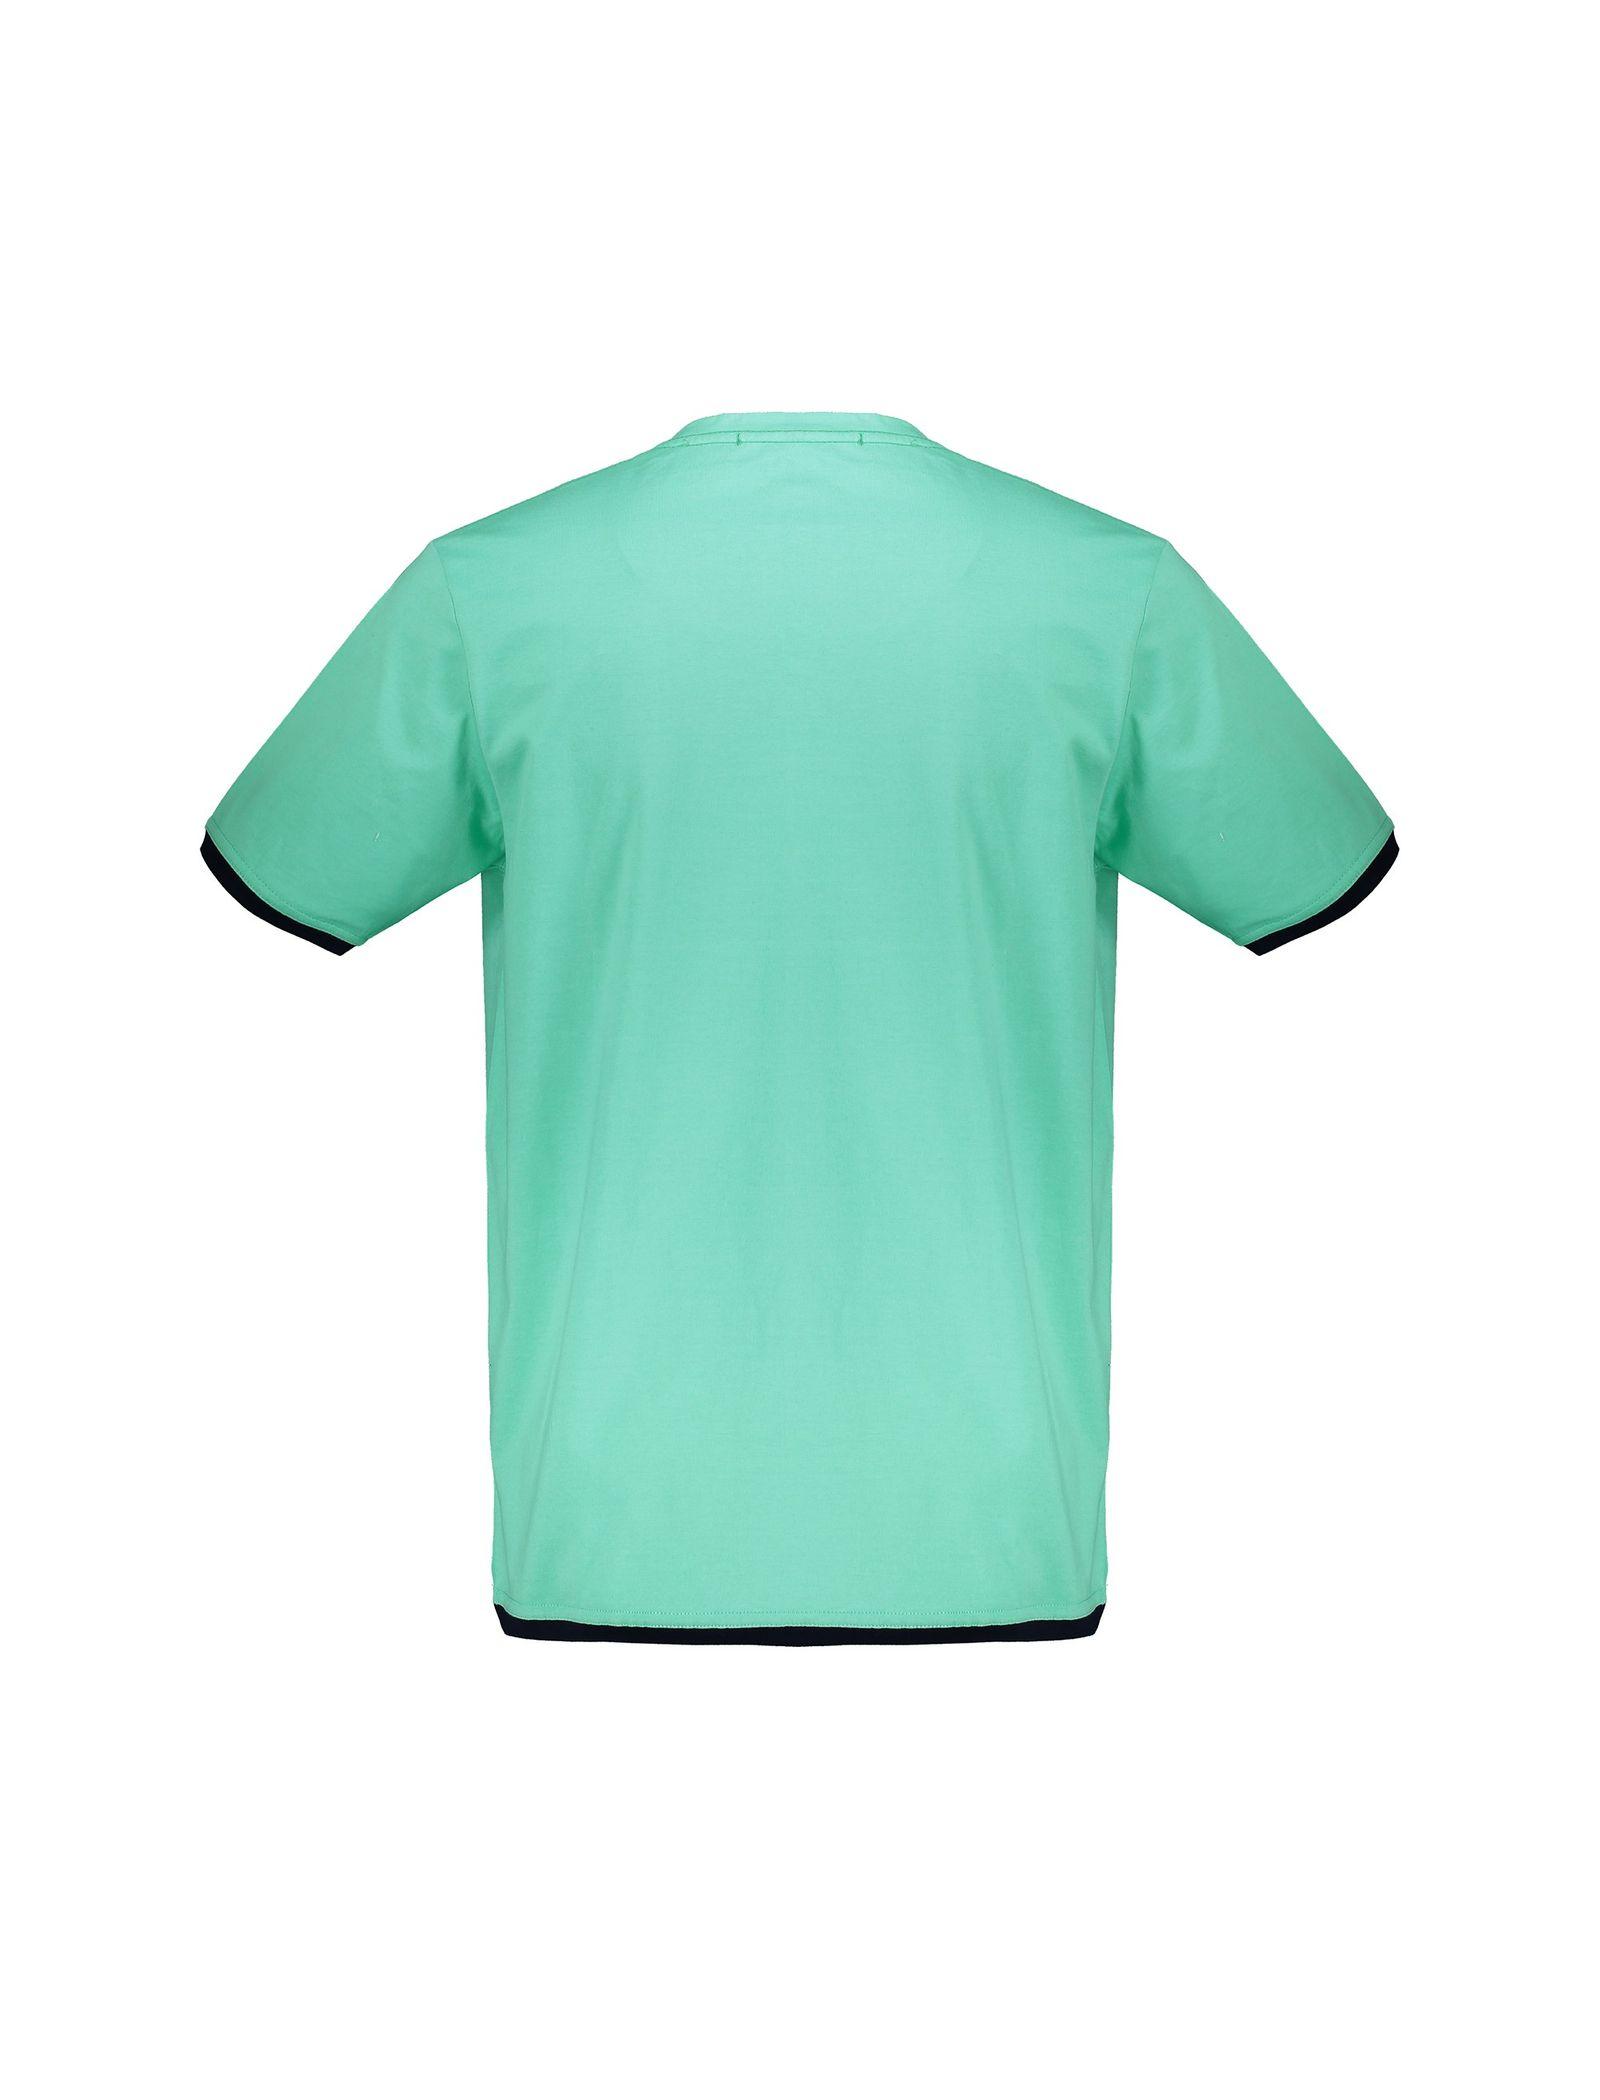 تی شرت و شلوار نخی راحتی مردانه - آر اِن اِس - سبز آبي - 3